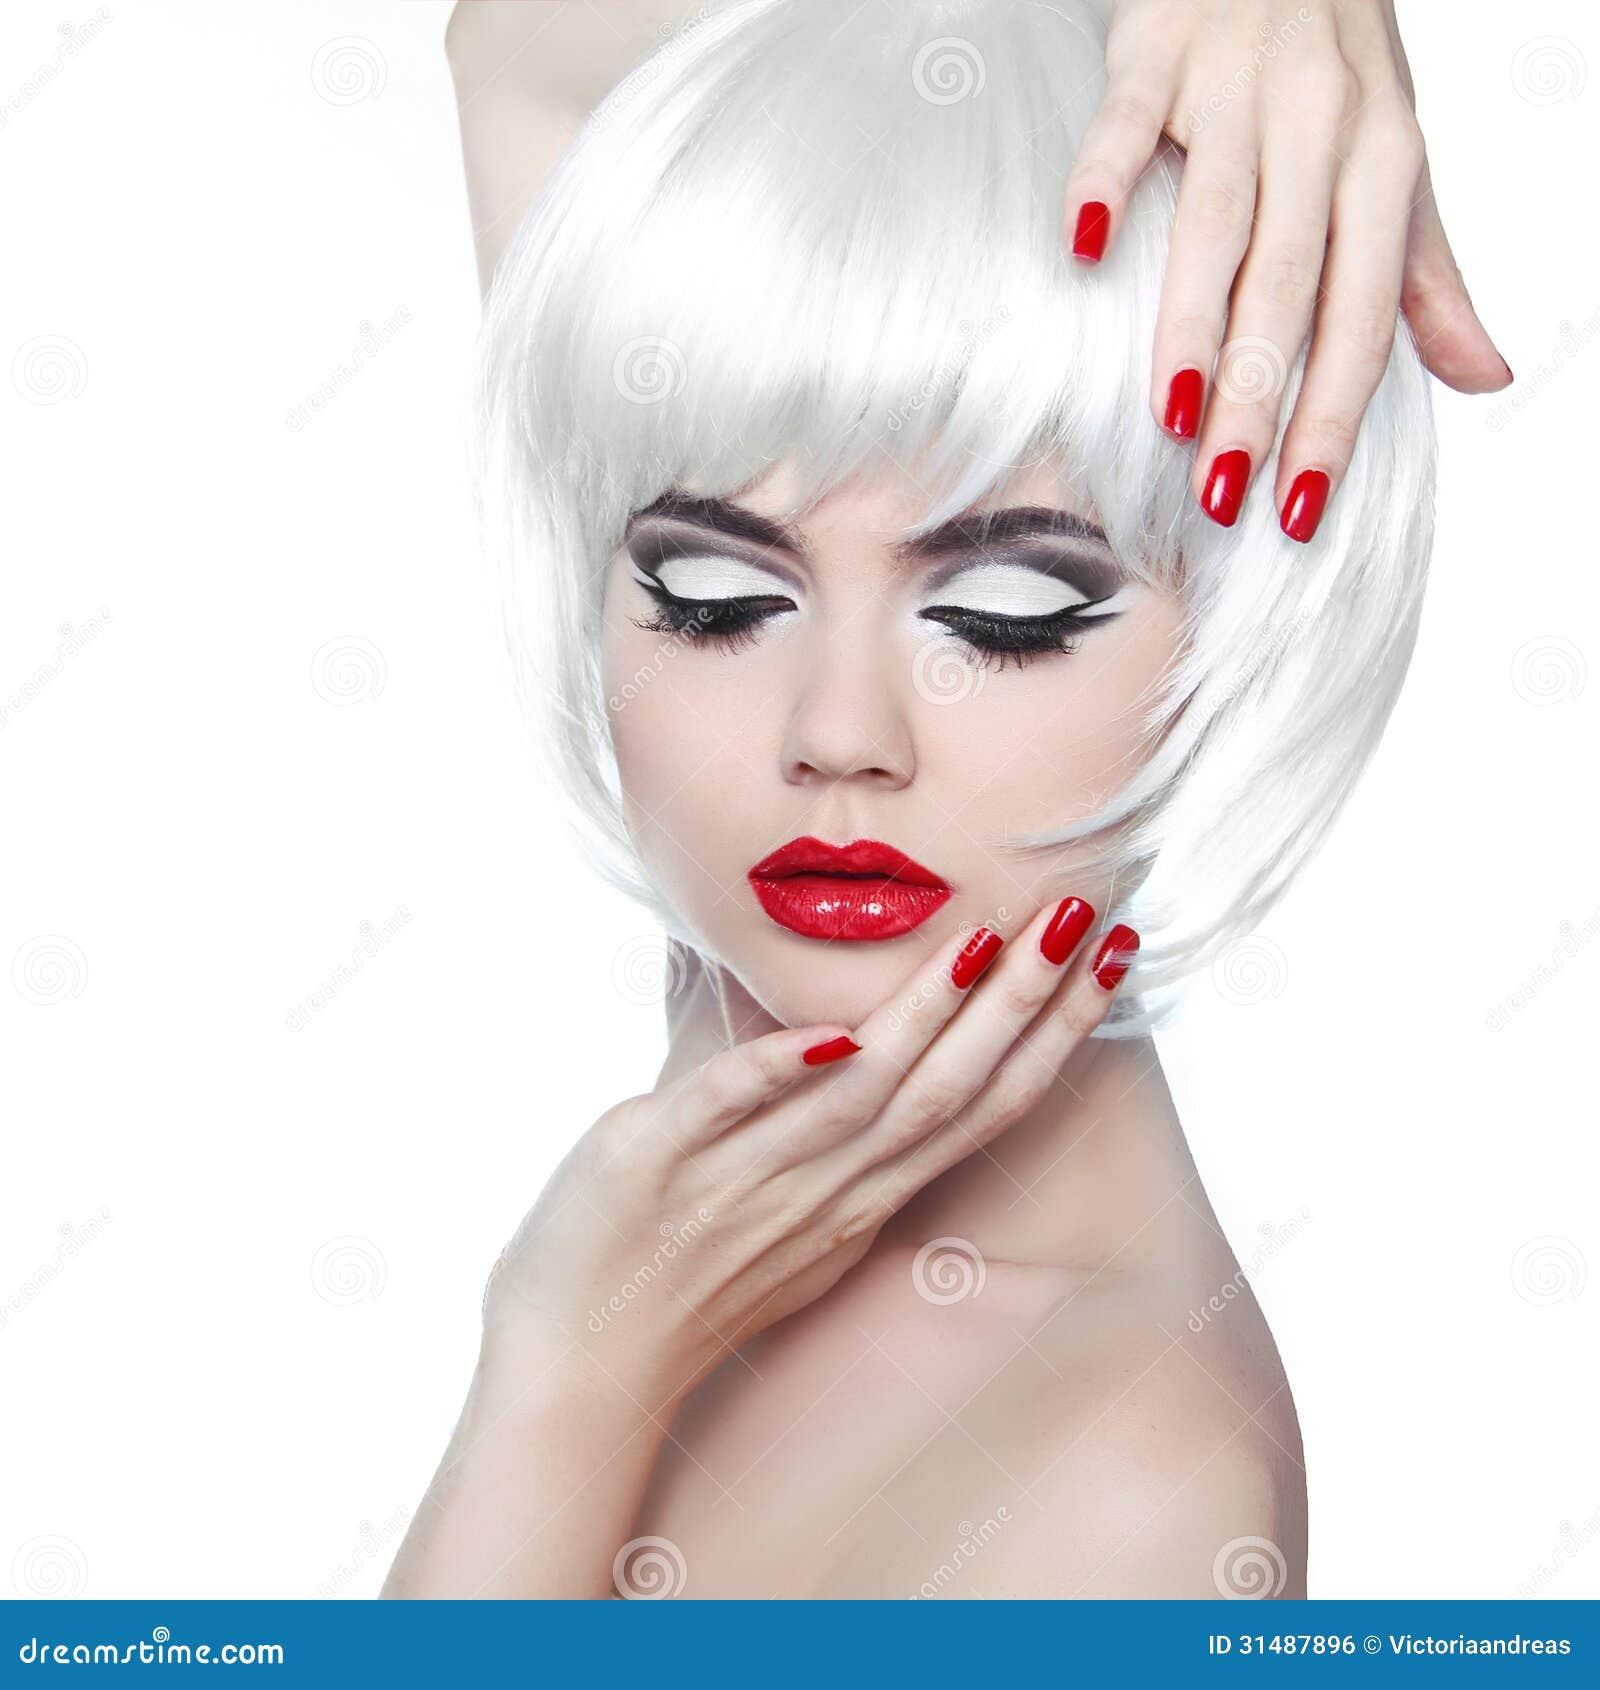 Фото девушки с прической и ногтями